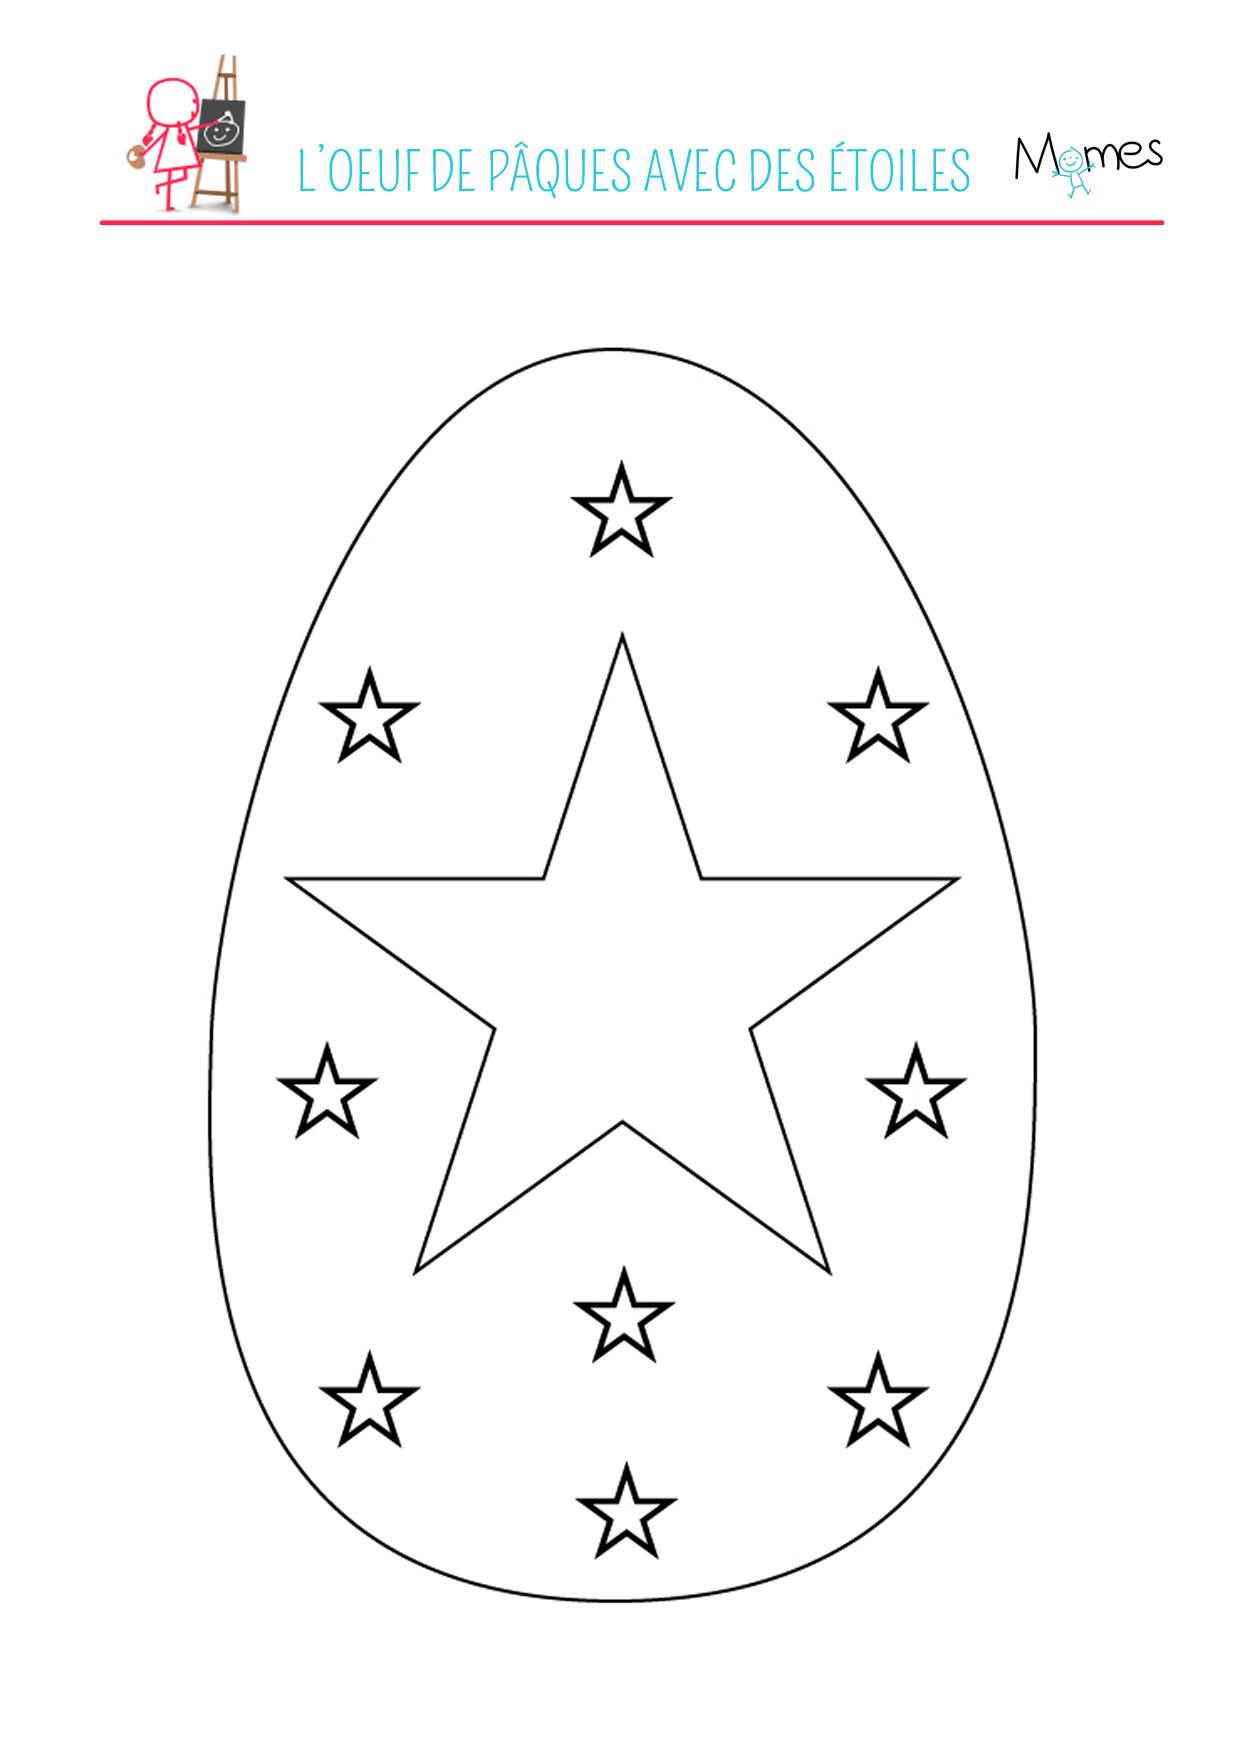 Coloriage de l'œuf de Pâques avec des étoiles